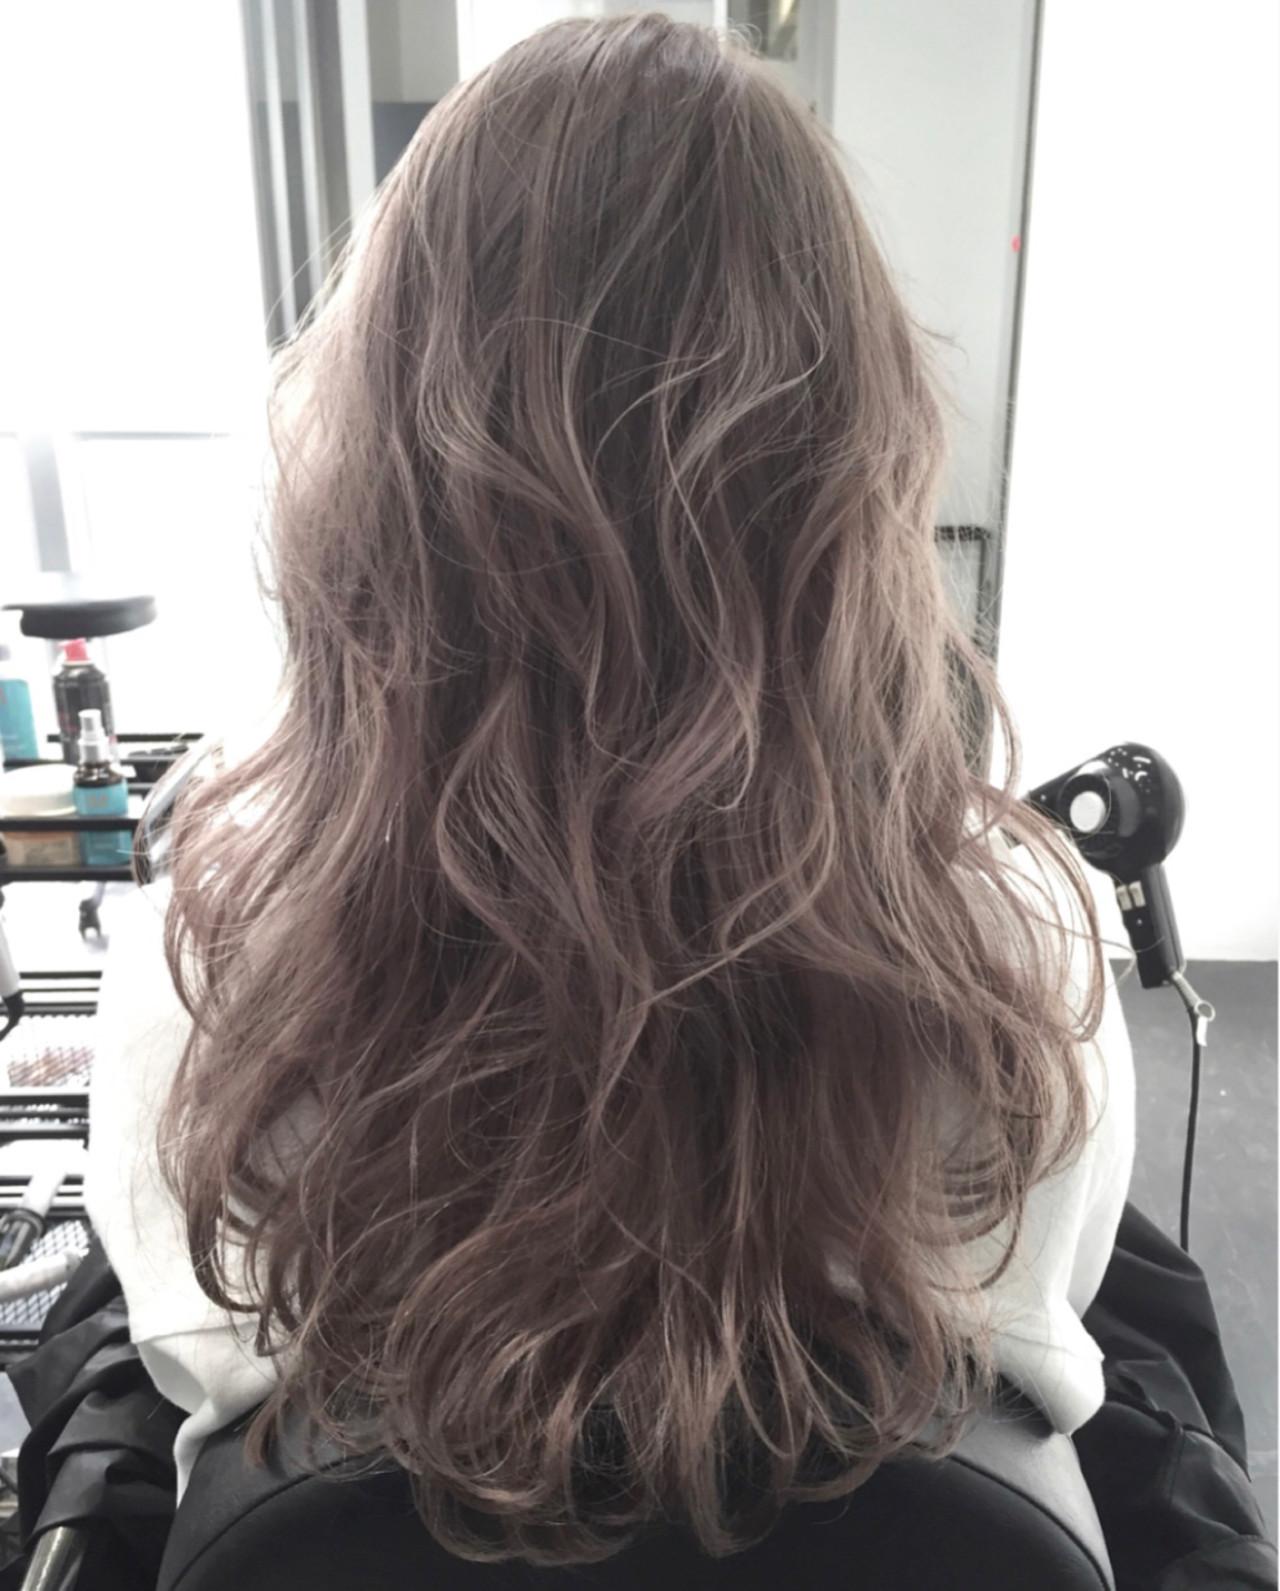 グレージュ ロング ハイライト アッシュ ヘアスタイルや髪型の写真・画像 | ALT 森田 正浩 / ALT